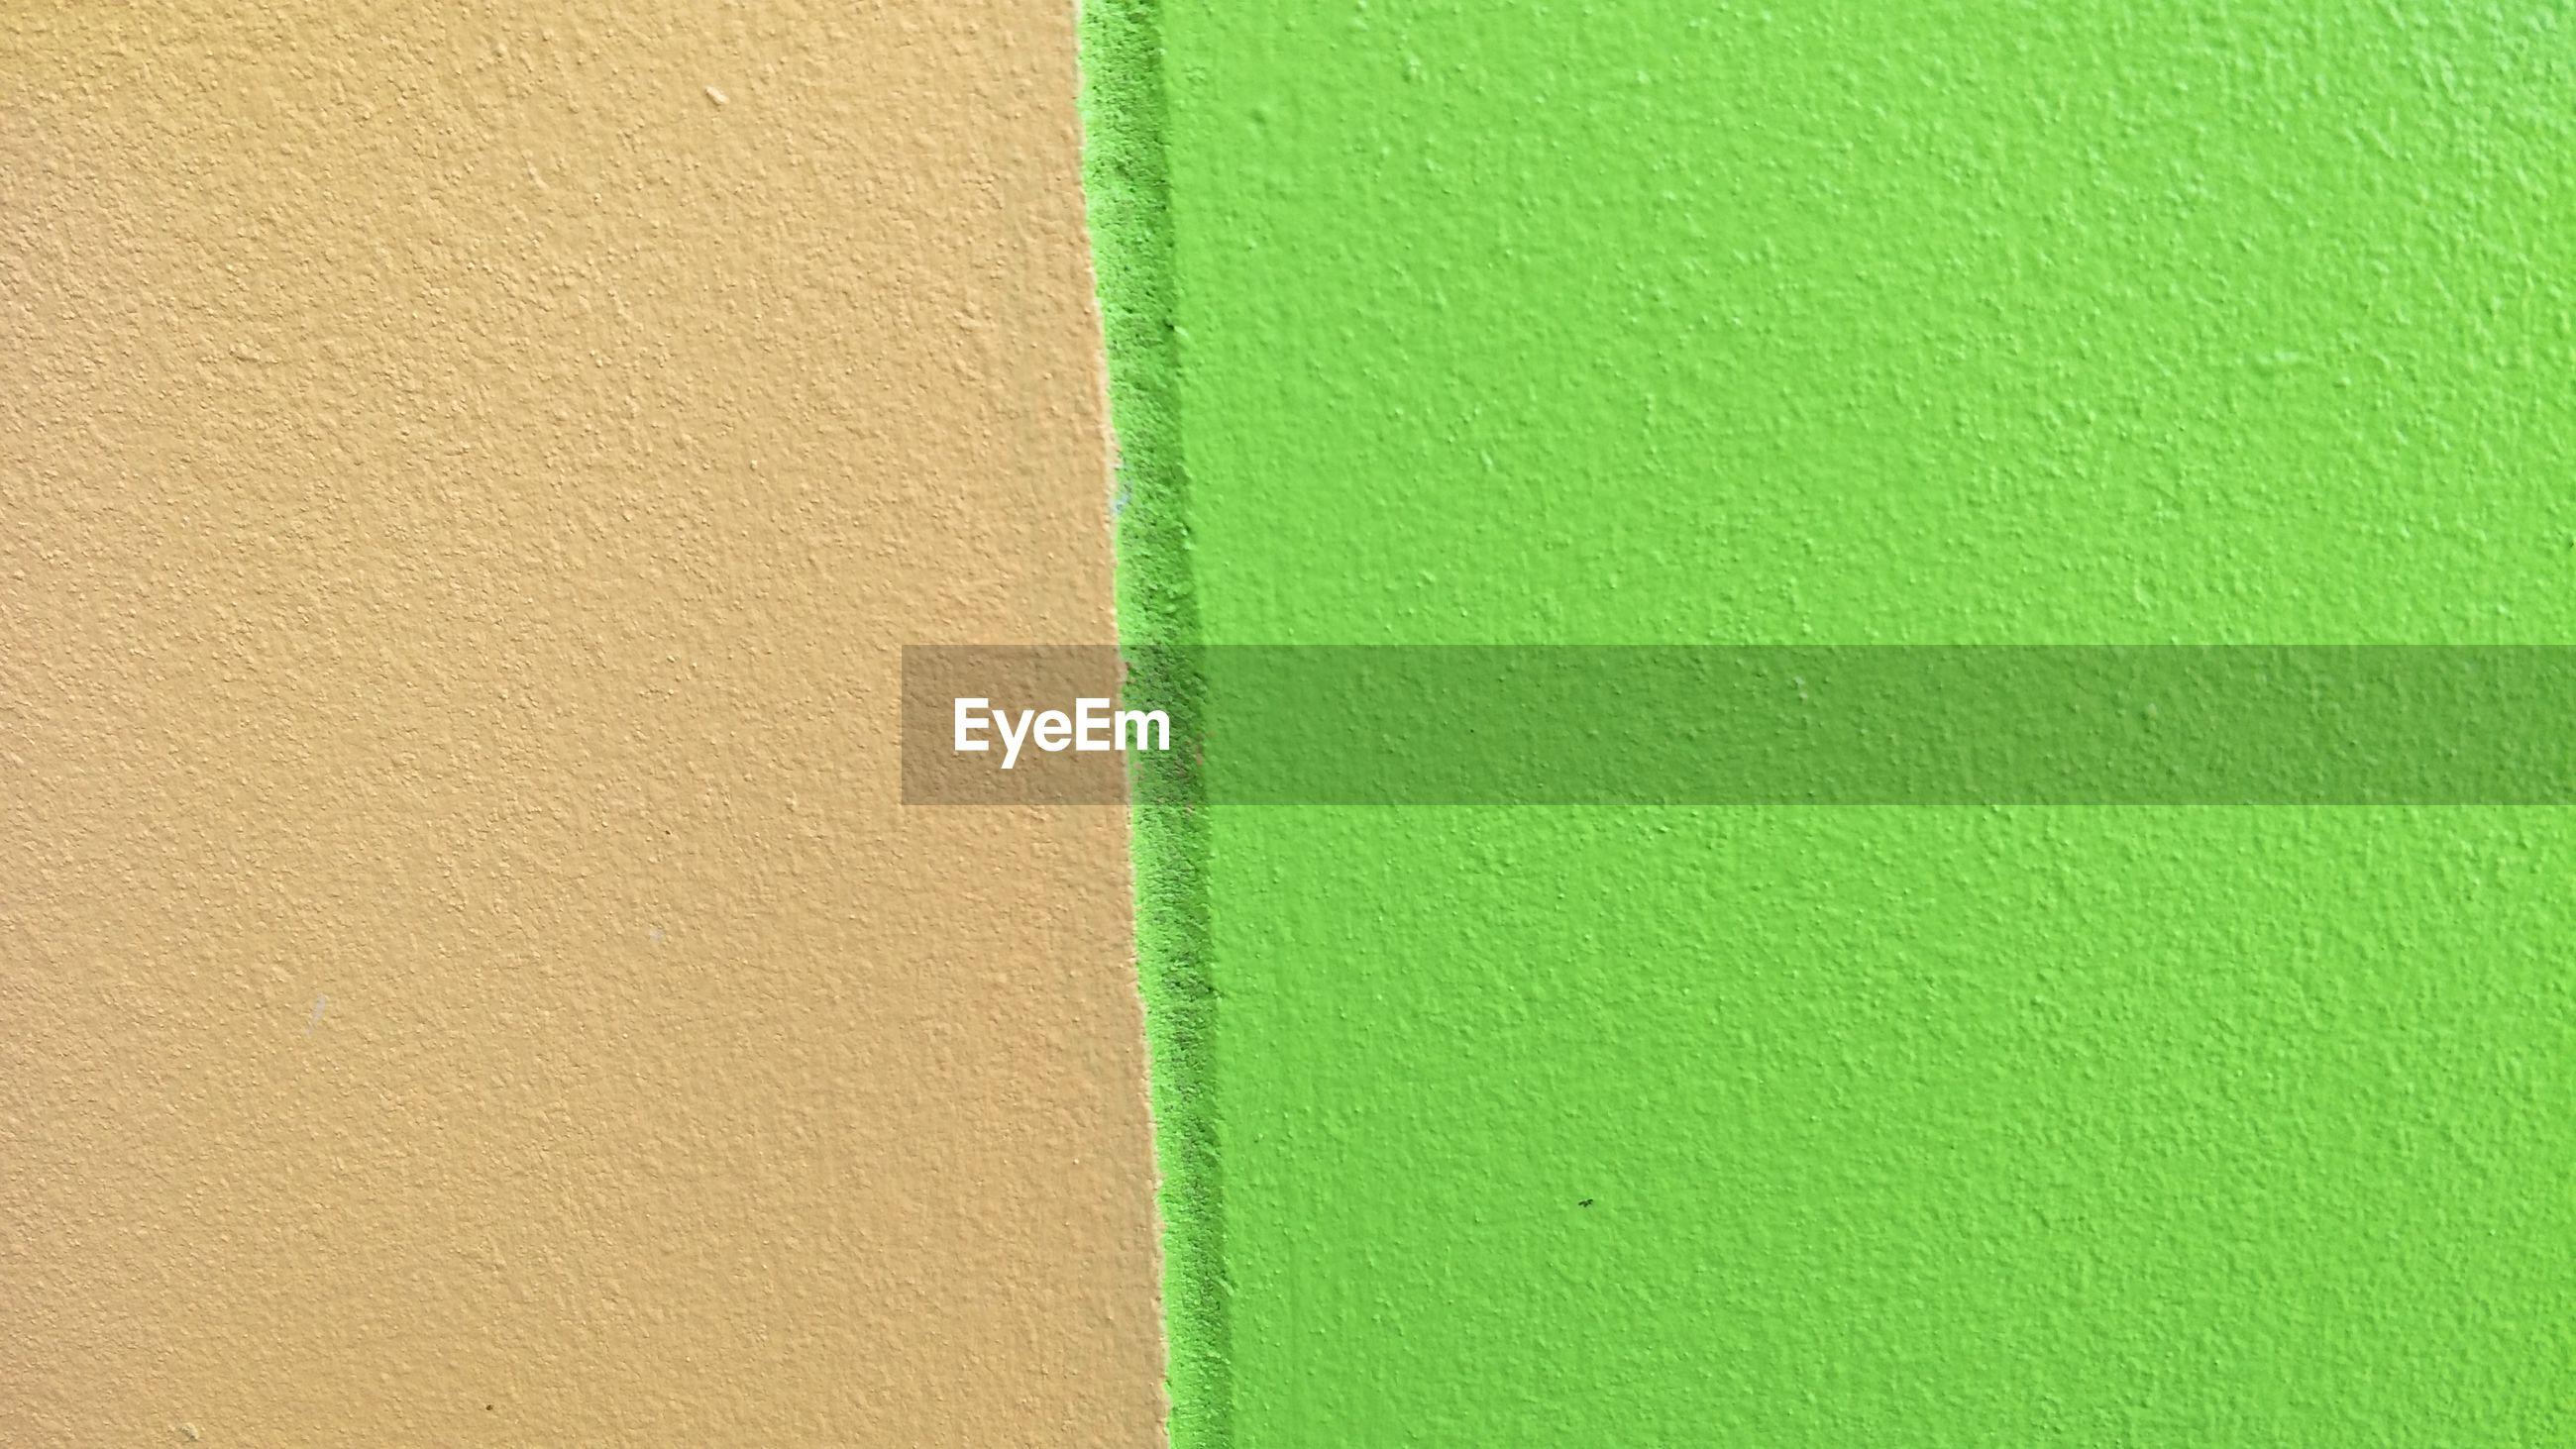 CLOSE-UP OF GREEN WALL